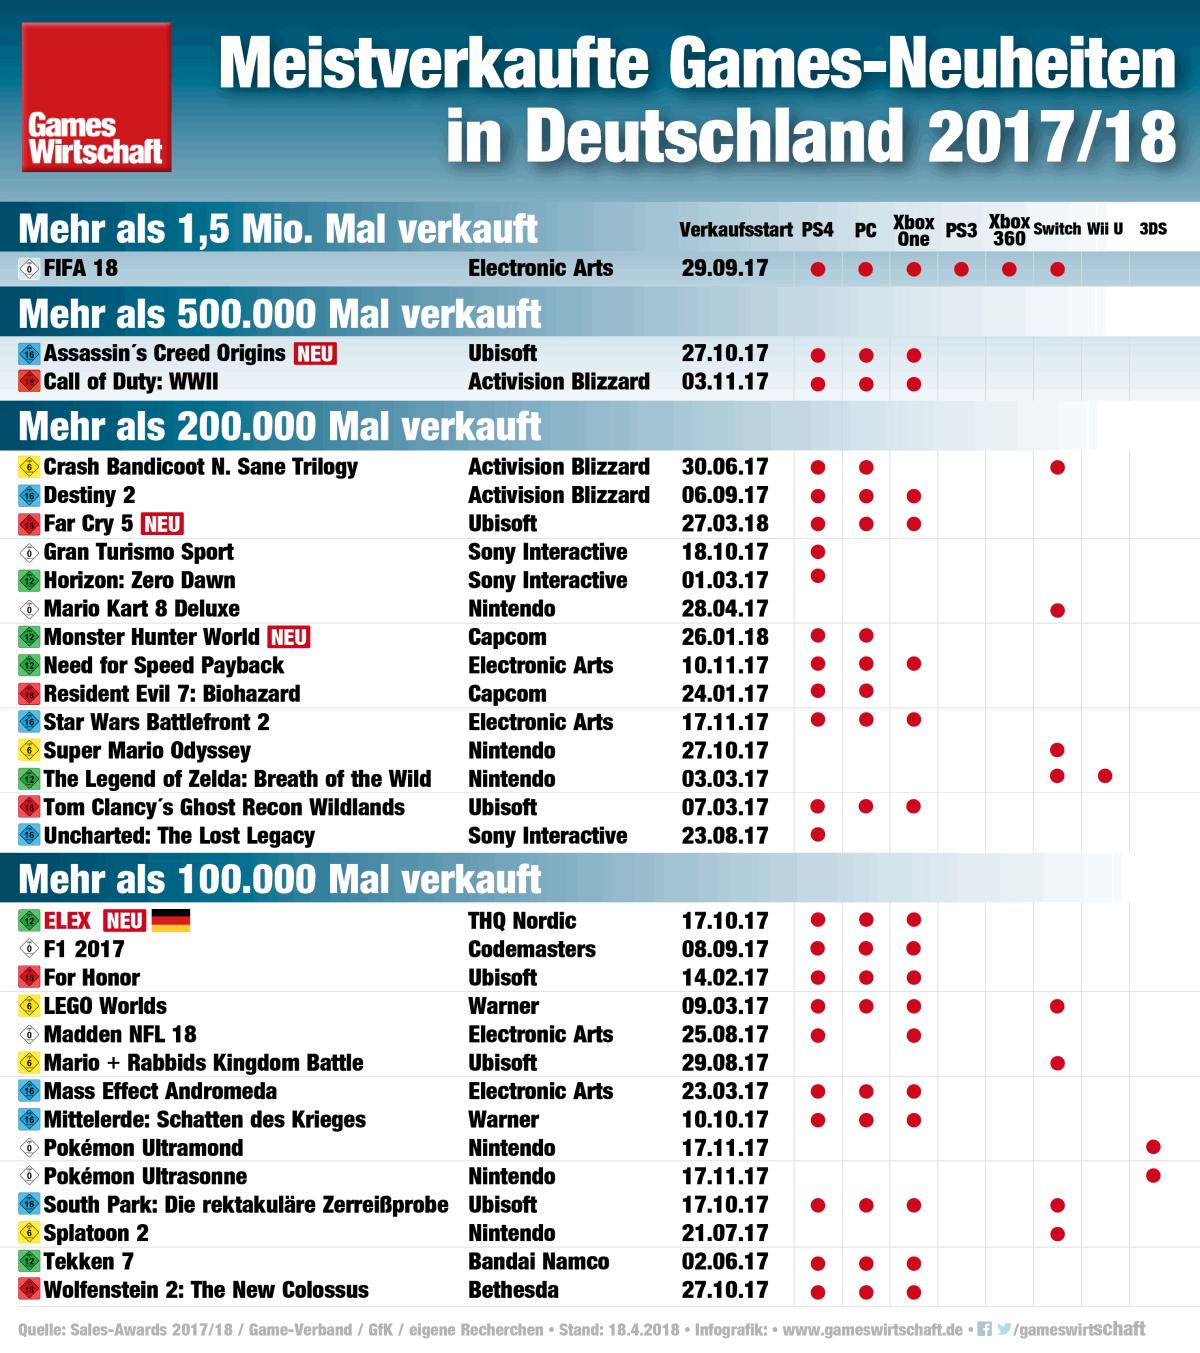 Die meistverkauften Spiele-Neuheiten in Deutschland 2017/18 (Stand: April 2018)